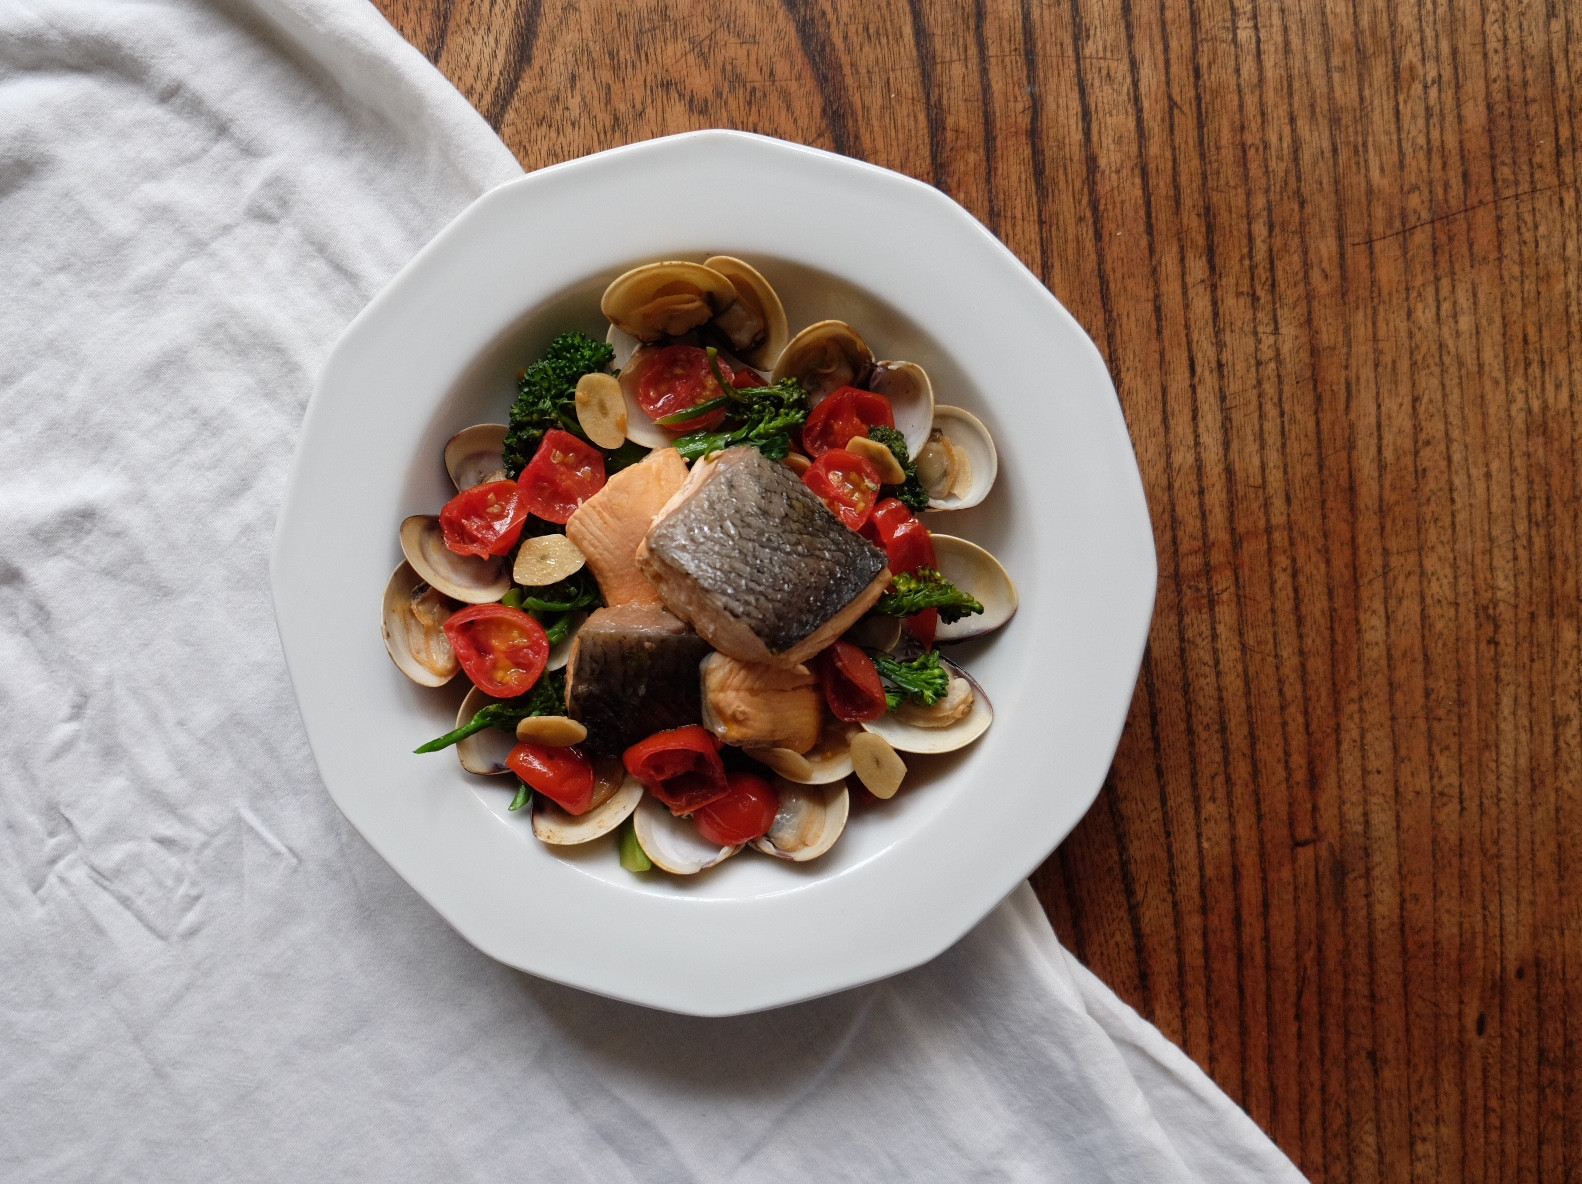 四季蓋營養#11 - 鮮蔬蛤蠣鮭魚